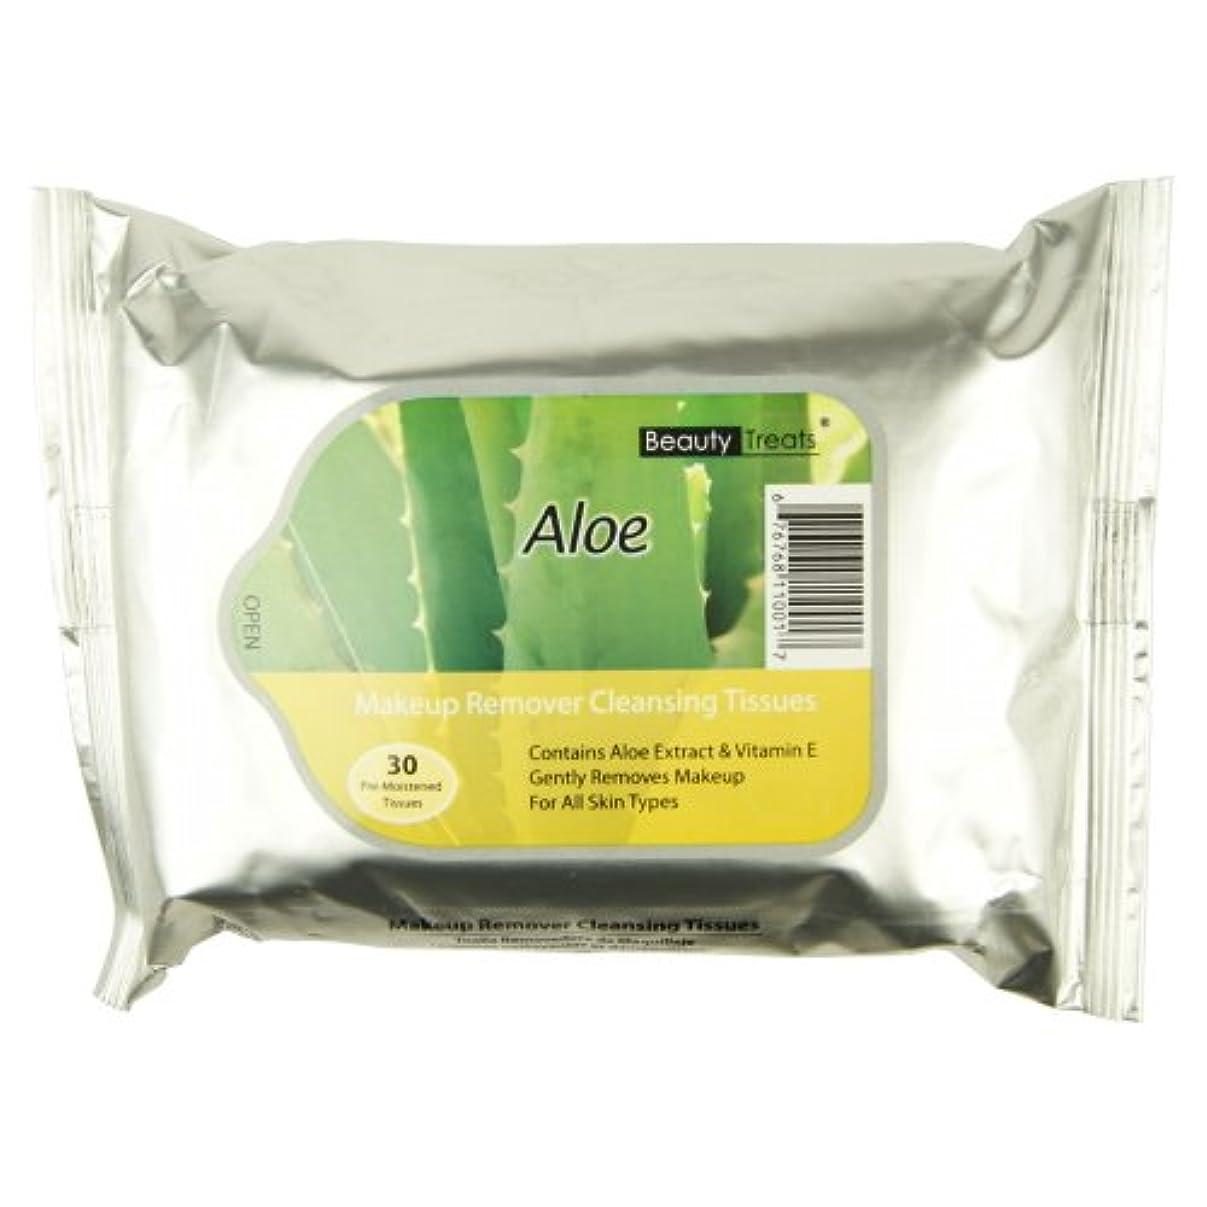 狭いうぬぼれ震えるBEAUTY TREATS Makeup Remover Cleansing Tissues - Aloe (並行輸入品)